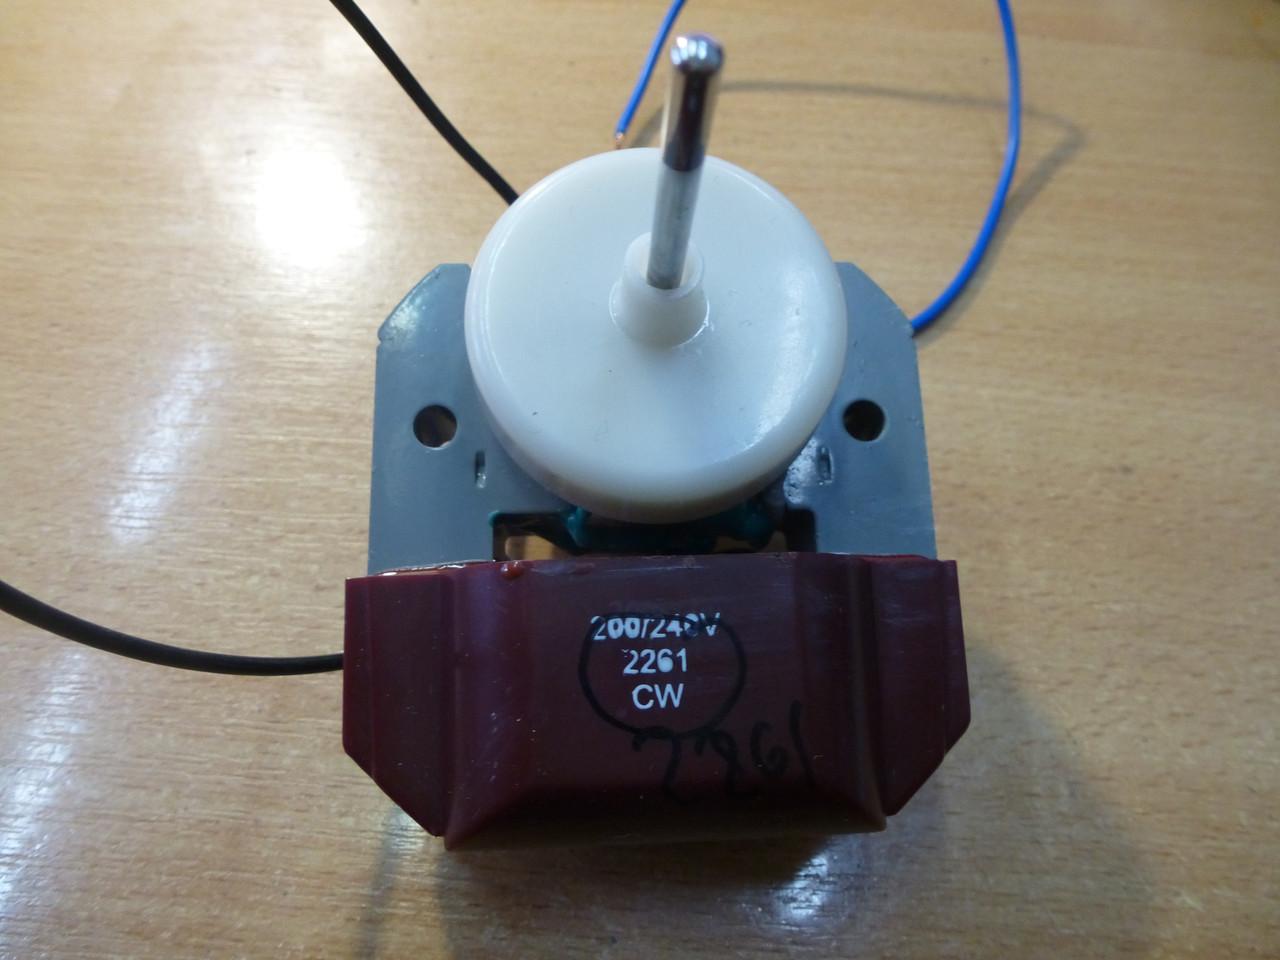 Вентилятор обдування SC СW 2261 коричне. Вал 40мм3,2мм